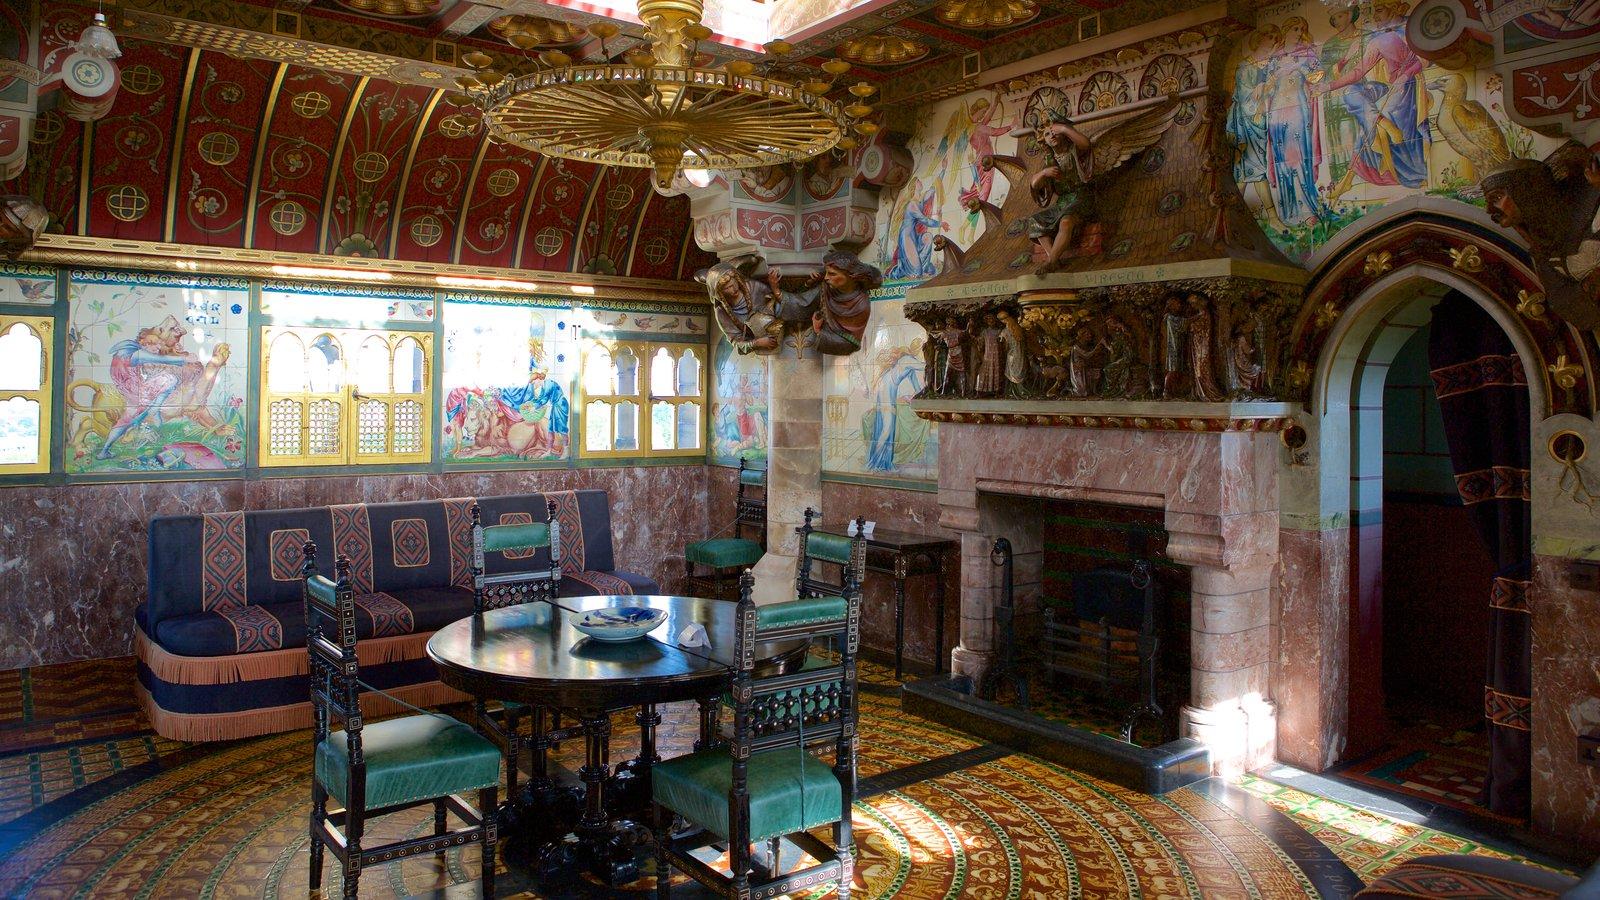 Castelo de Cardiff mostrando um pequeno castelo ou palácio, elementos de patrimônio e vistas internas